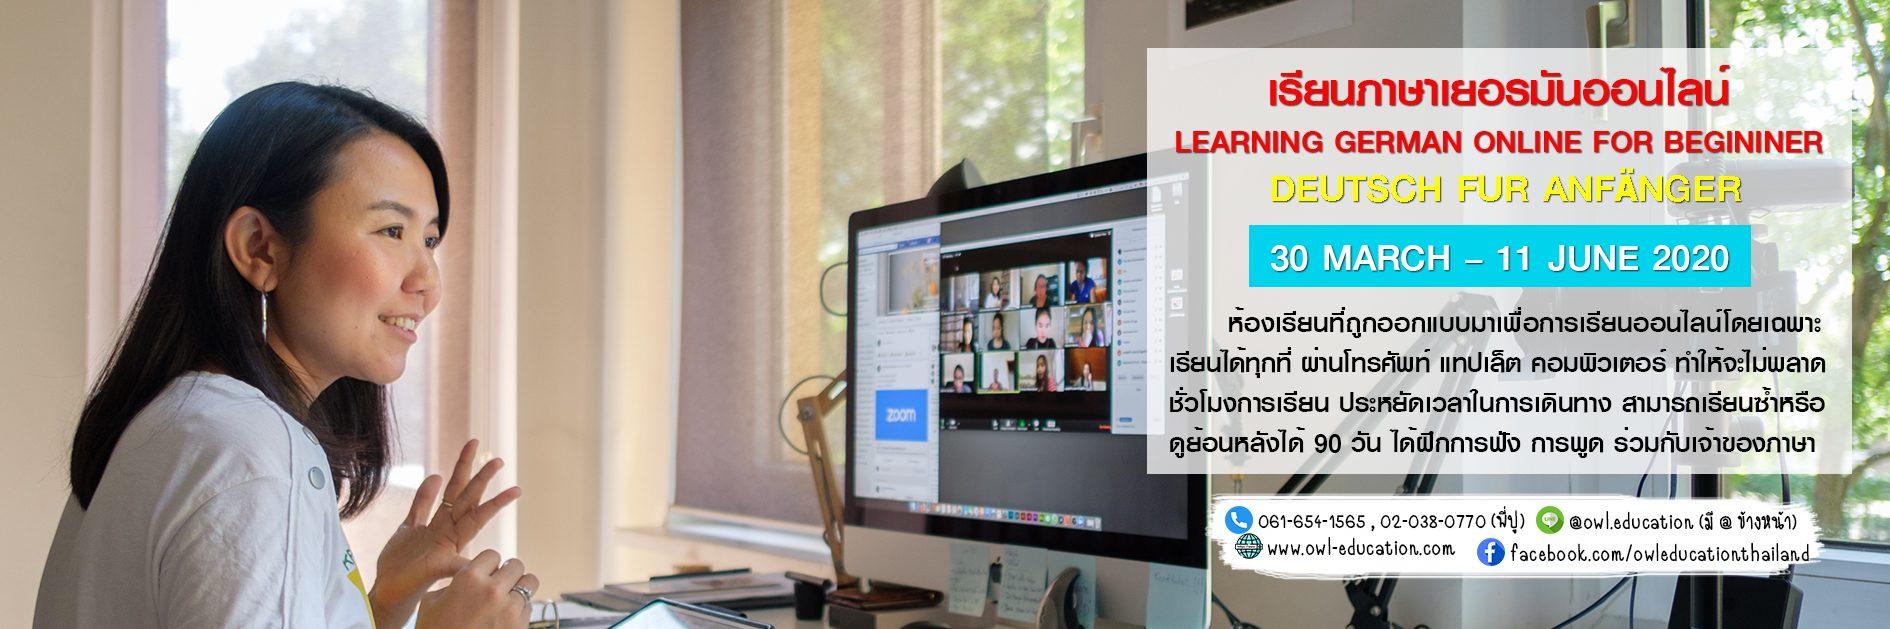 เรียนภาษาเยอรมันออนไลน์ – Learning German Online